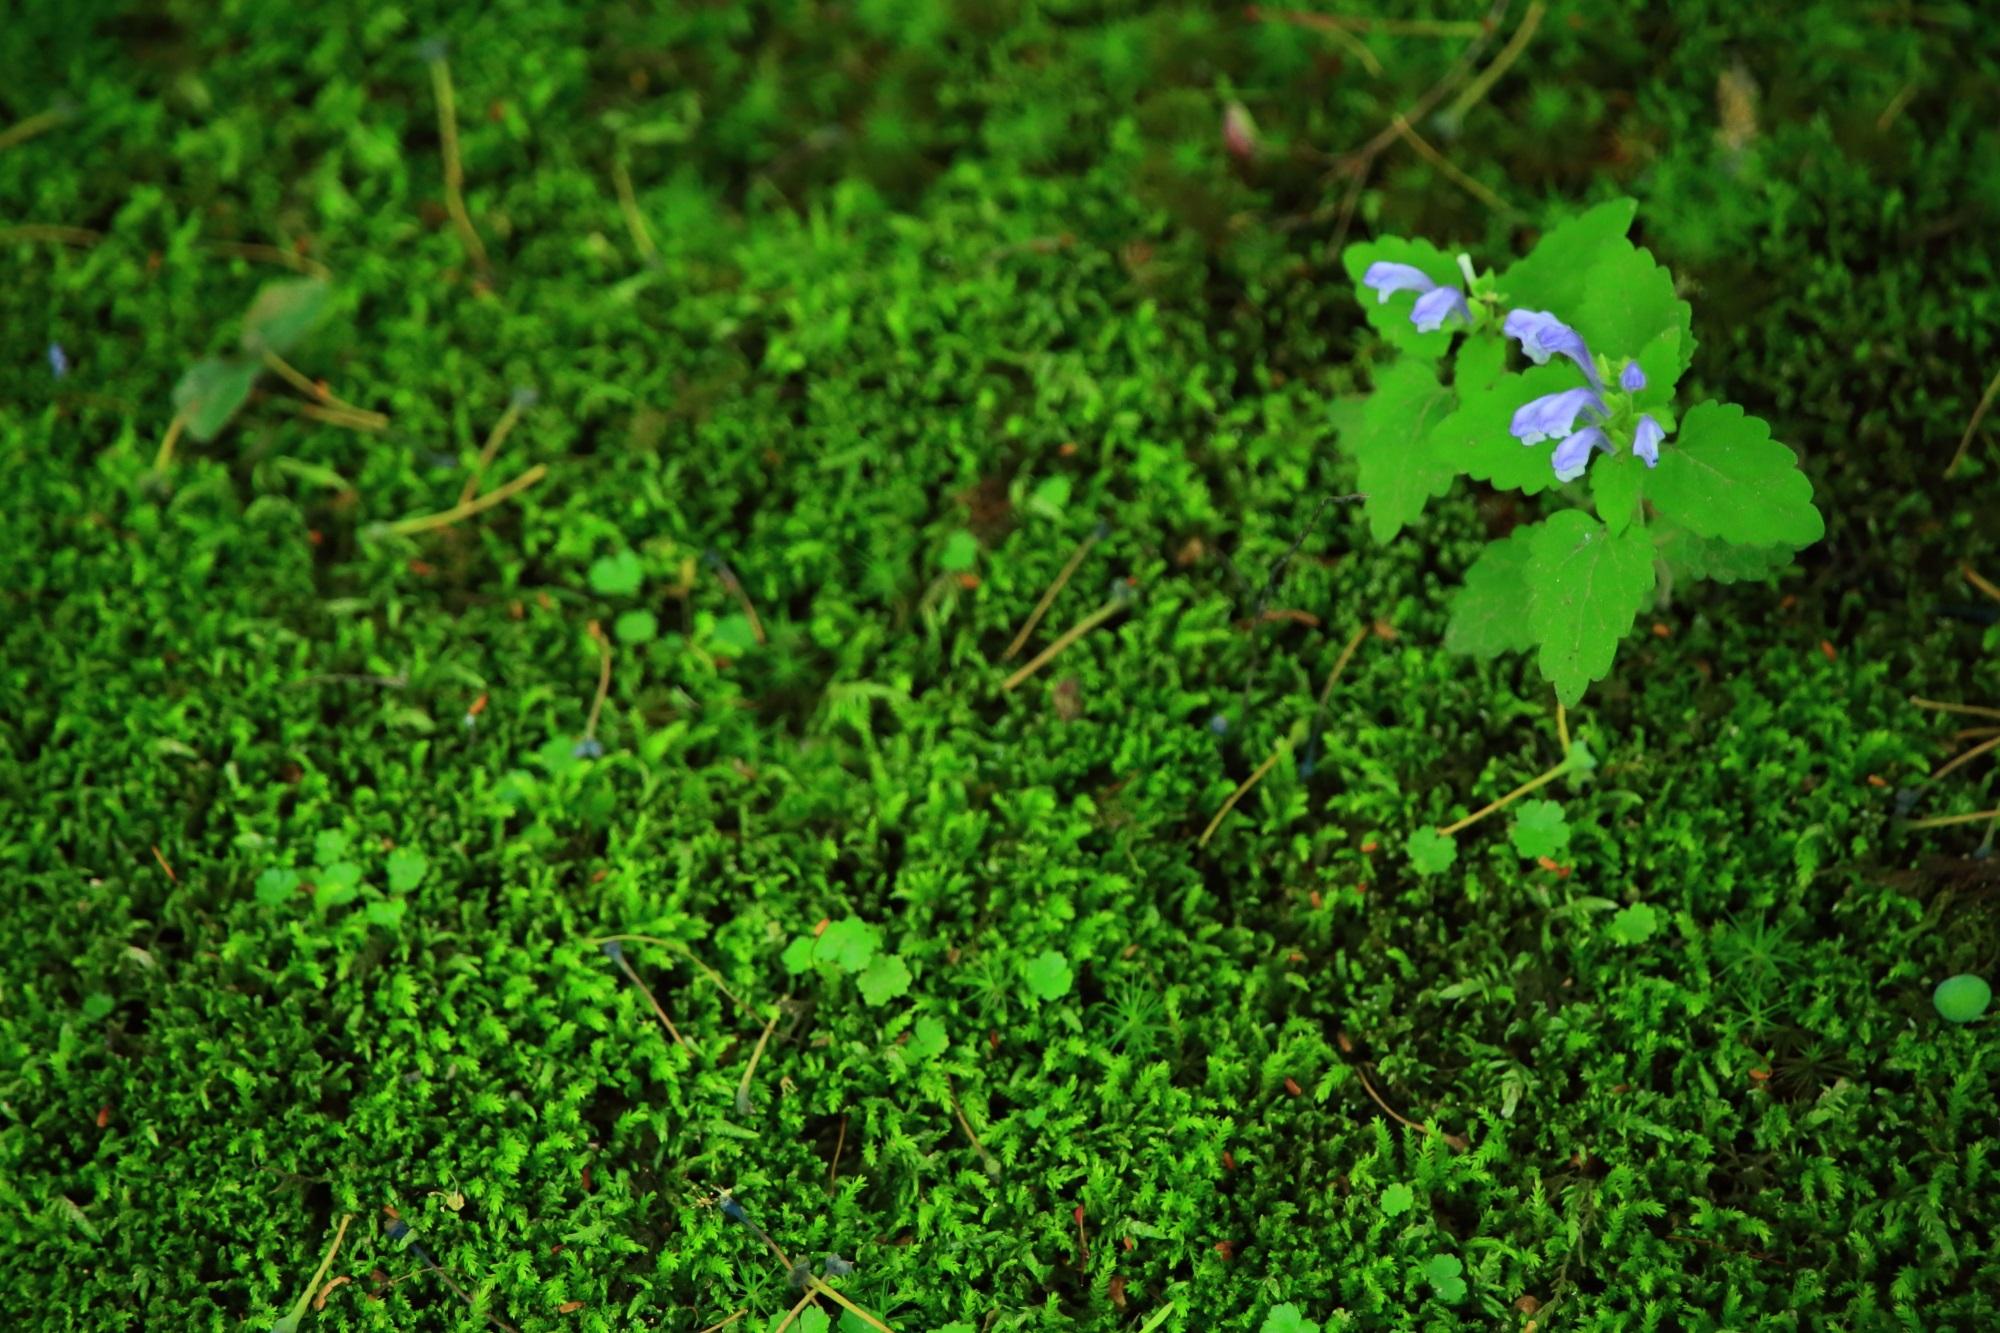 蓮華寺(れんげじ)の綺麗な緑の苔